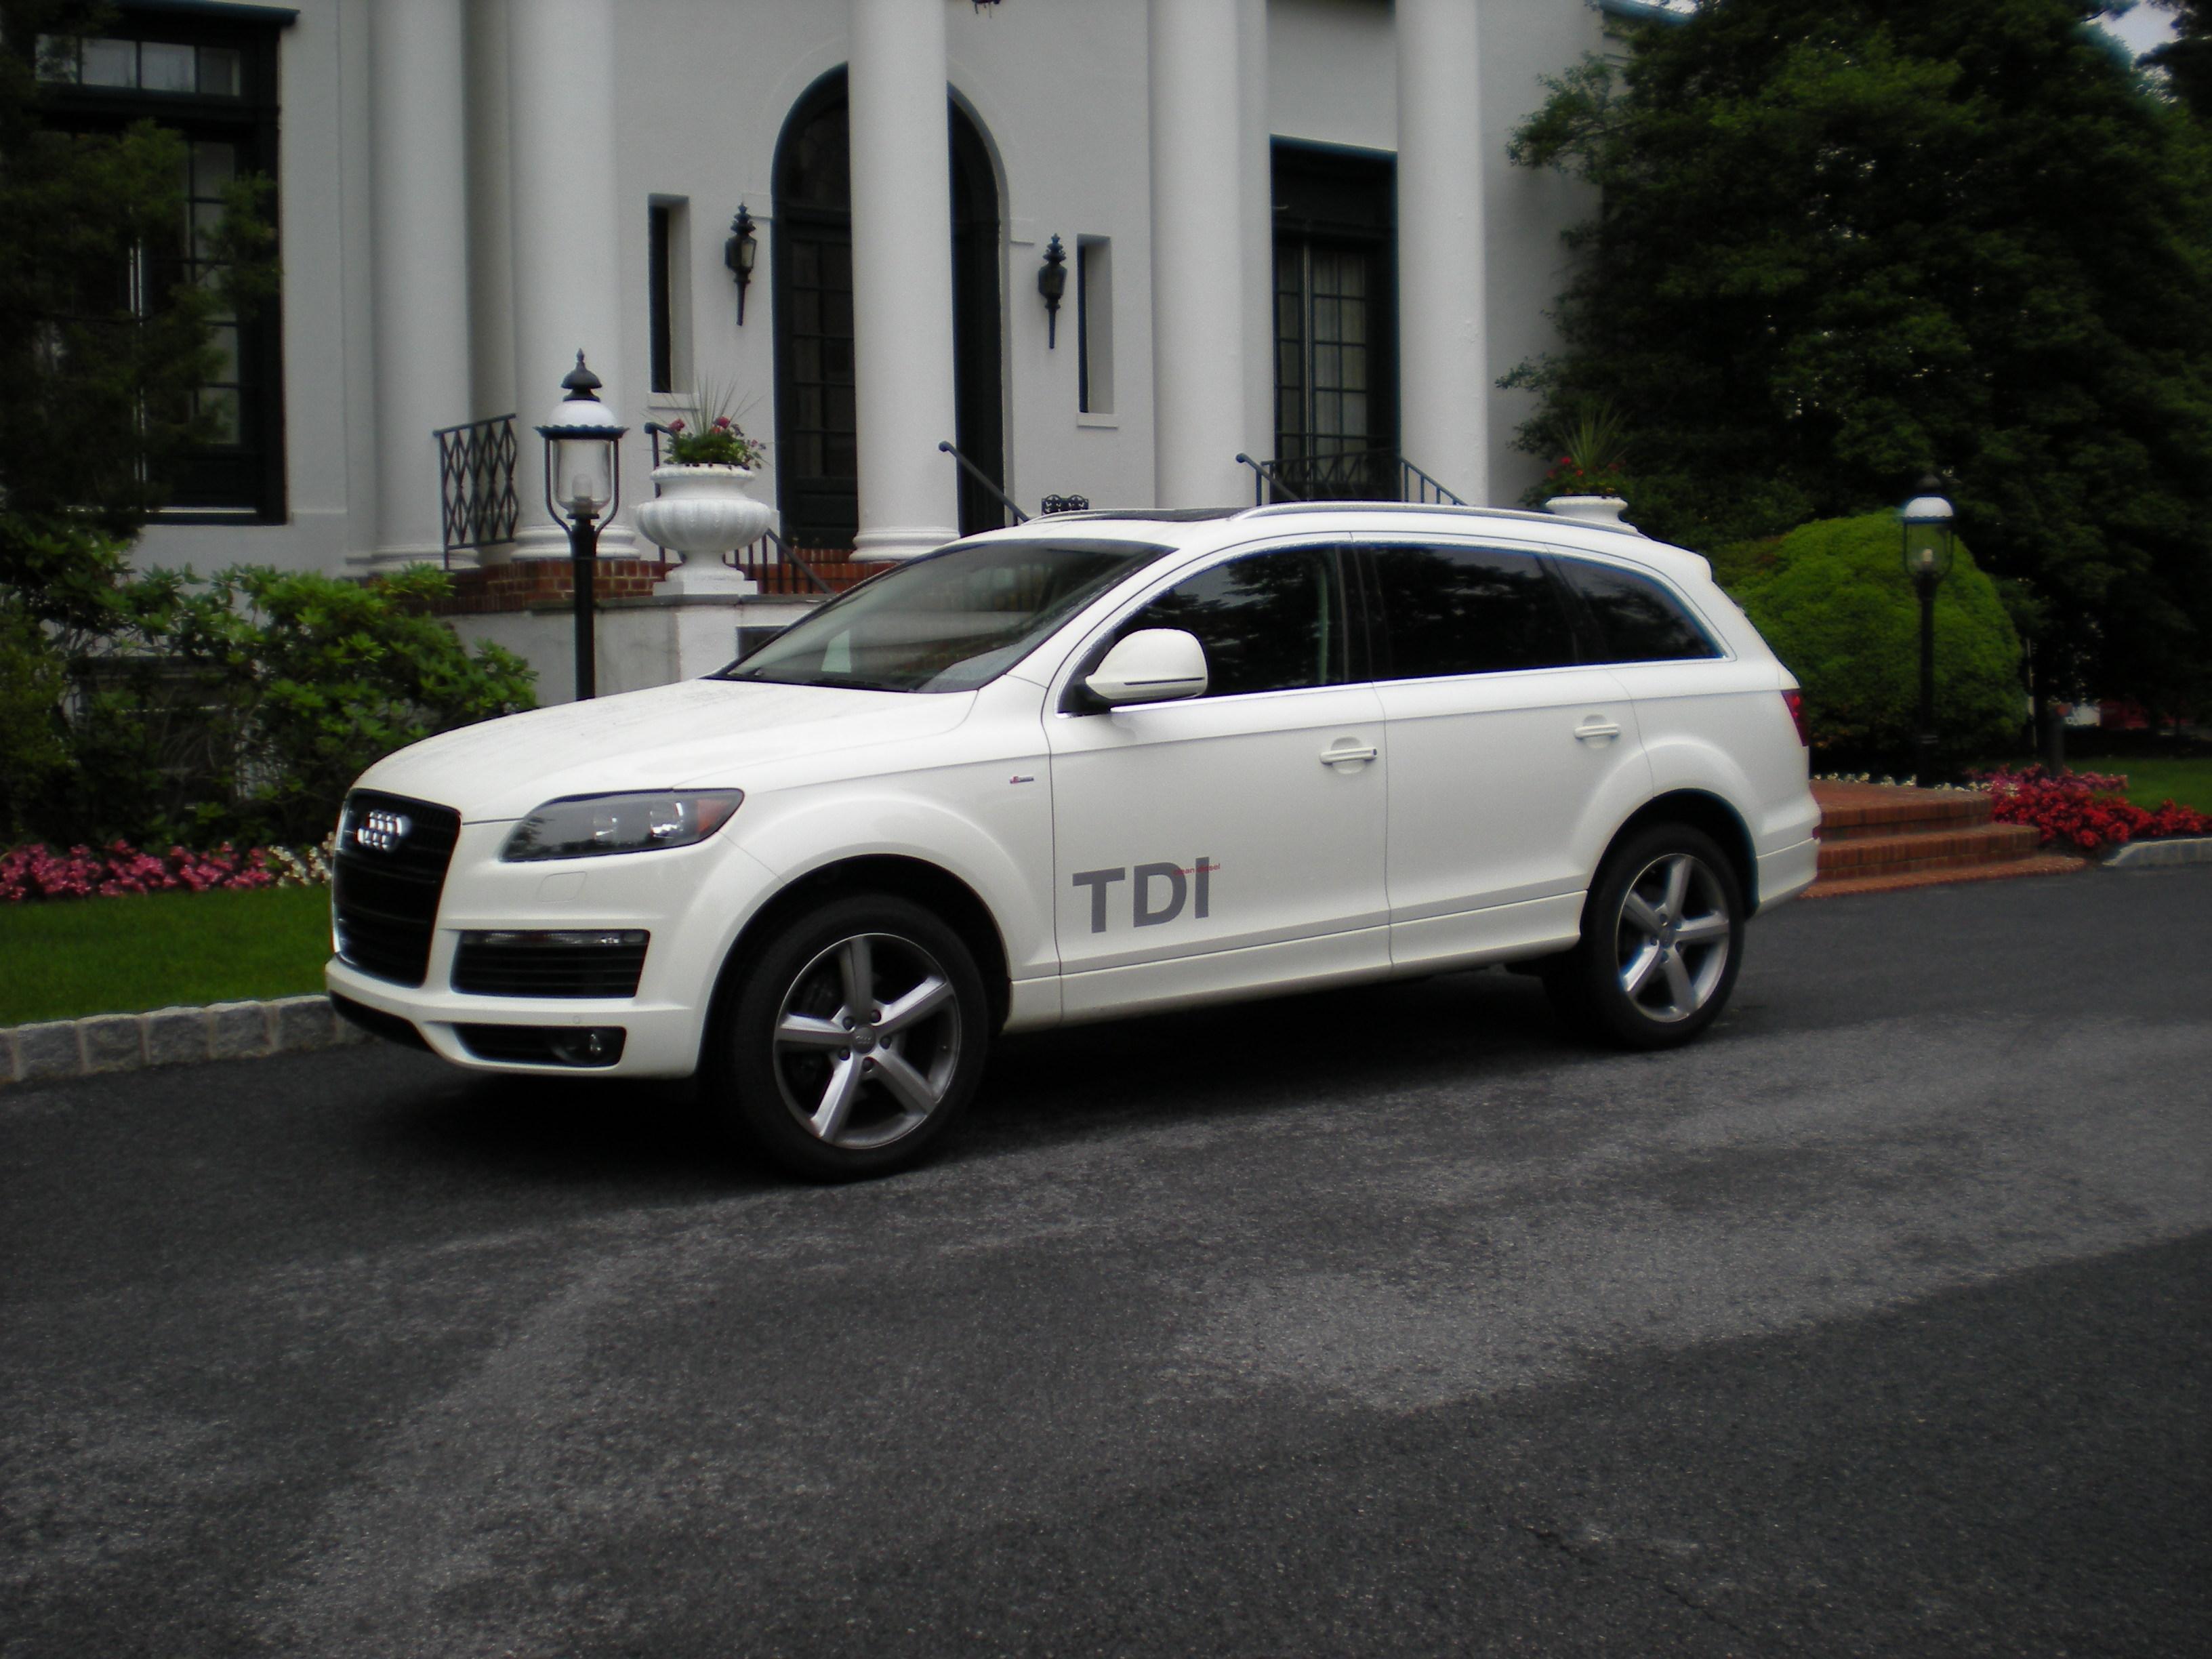 2009 Audi Q7 Image 4